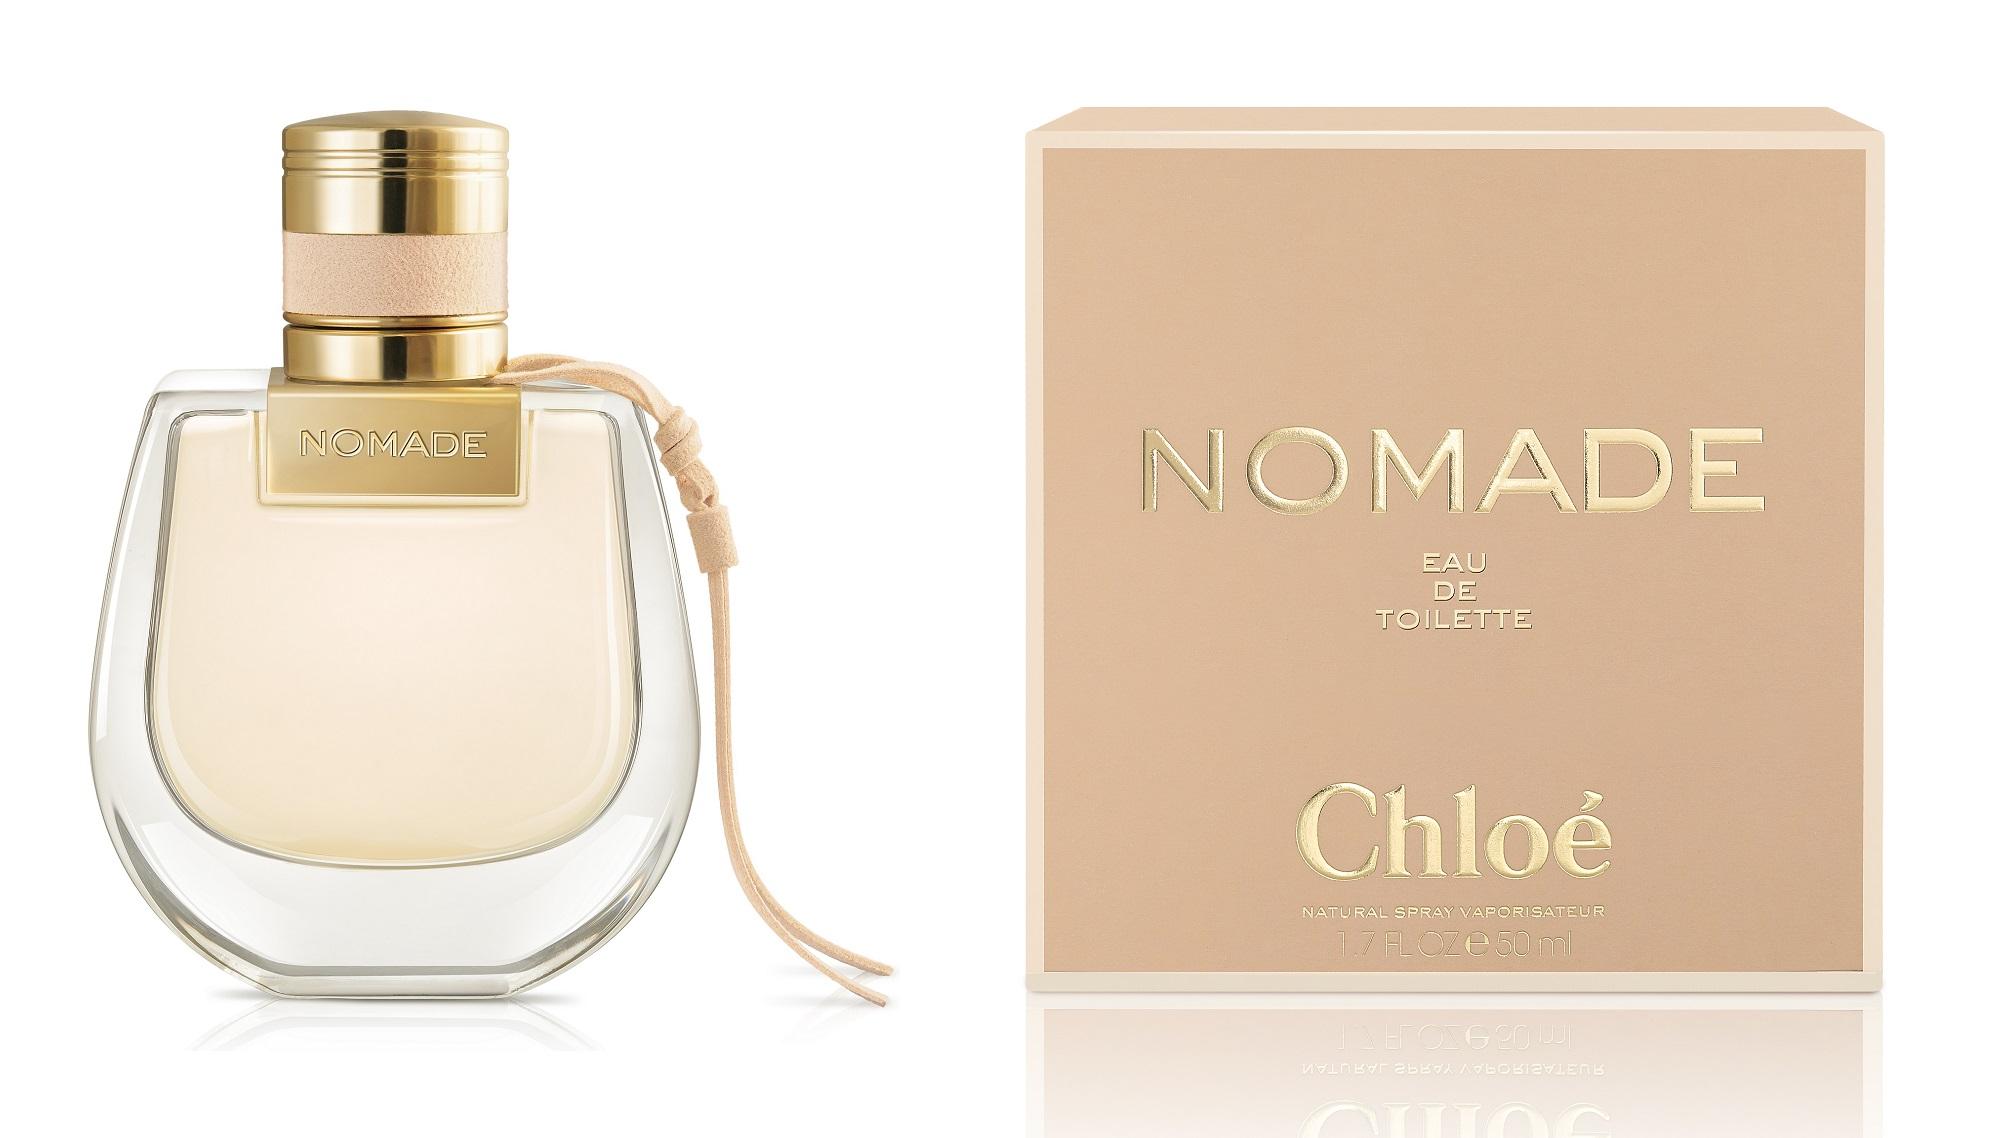 Eau De Fragrances Nomade New Toilette Chloé ~ UMpSVzGq